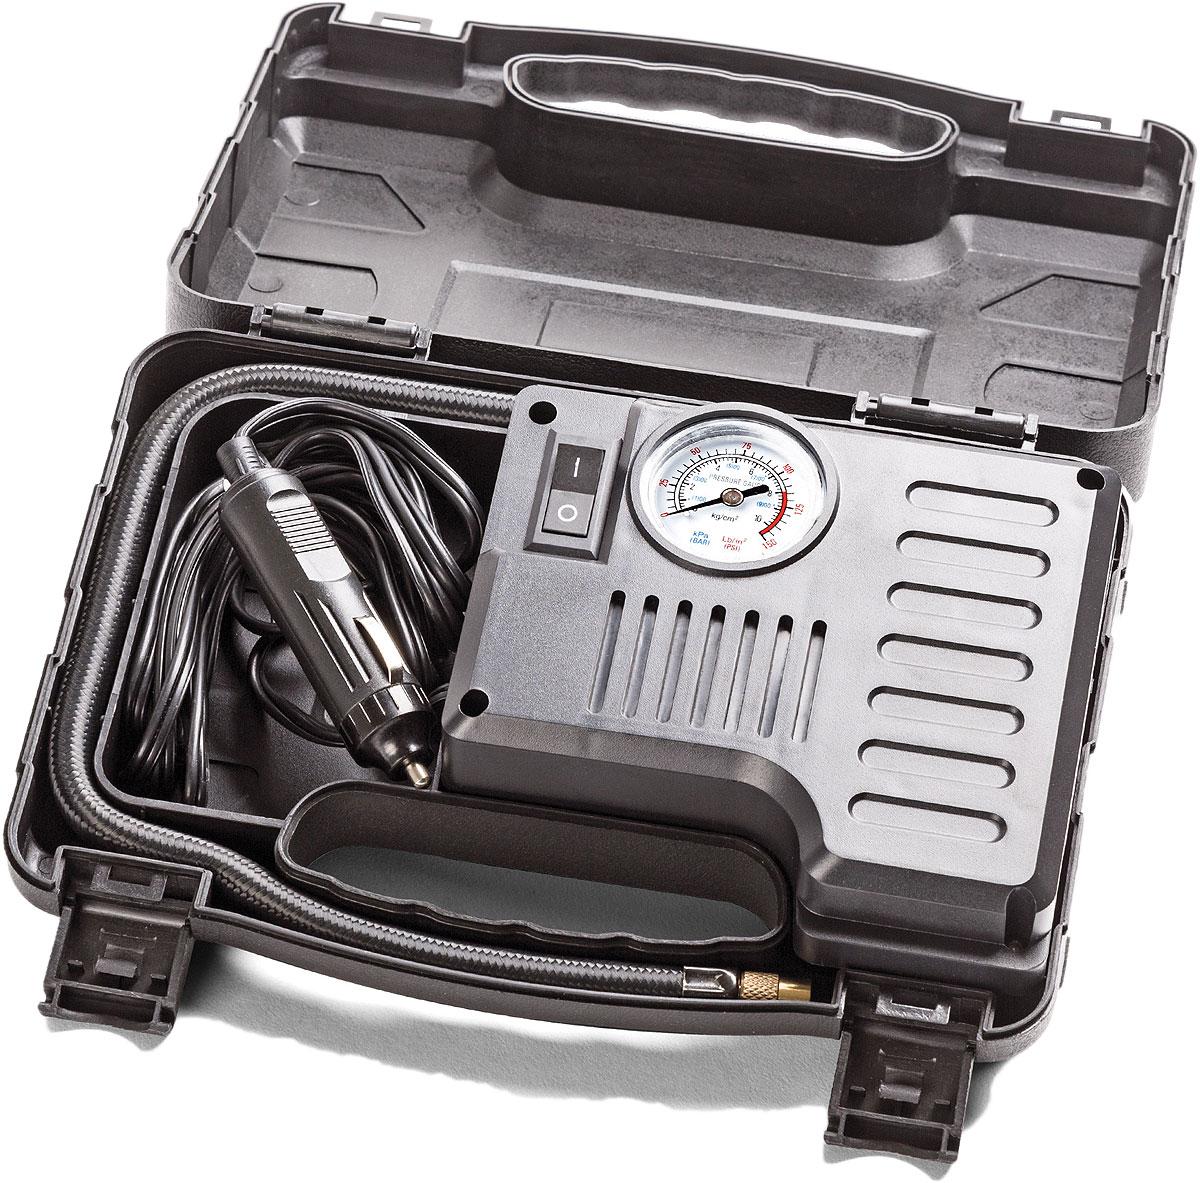 Компрессор автомобильный Autoprofi, 15 л/мин, 12 В, 60 Вт компрессор воздушный barbus sb 248a с регулятором 1 канал 3 5 л мин